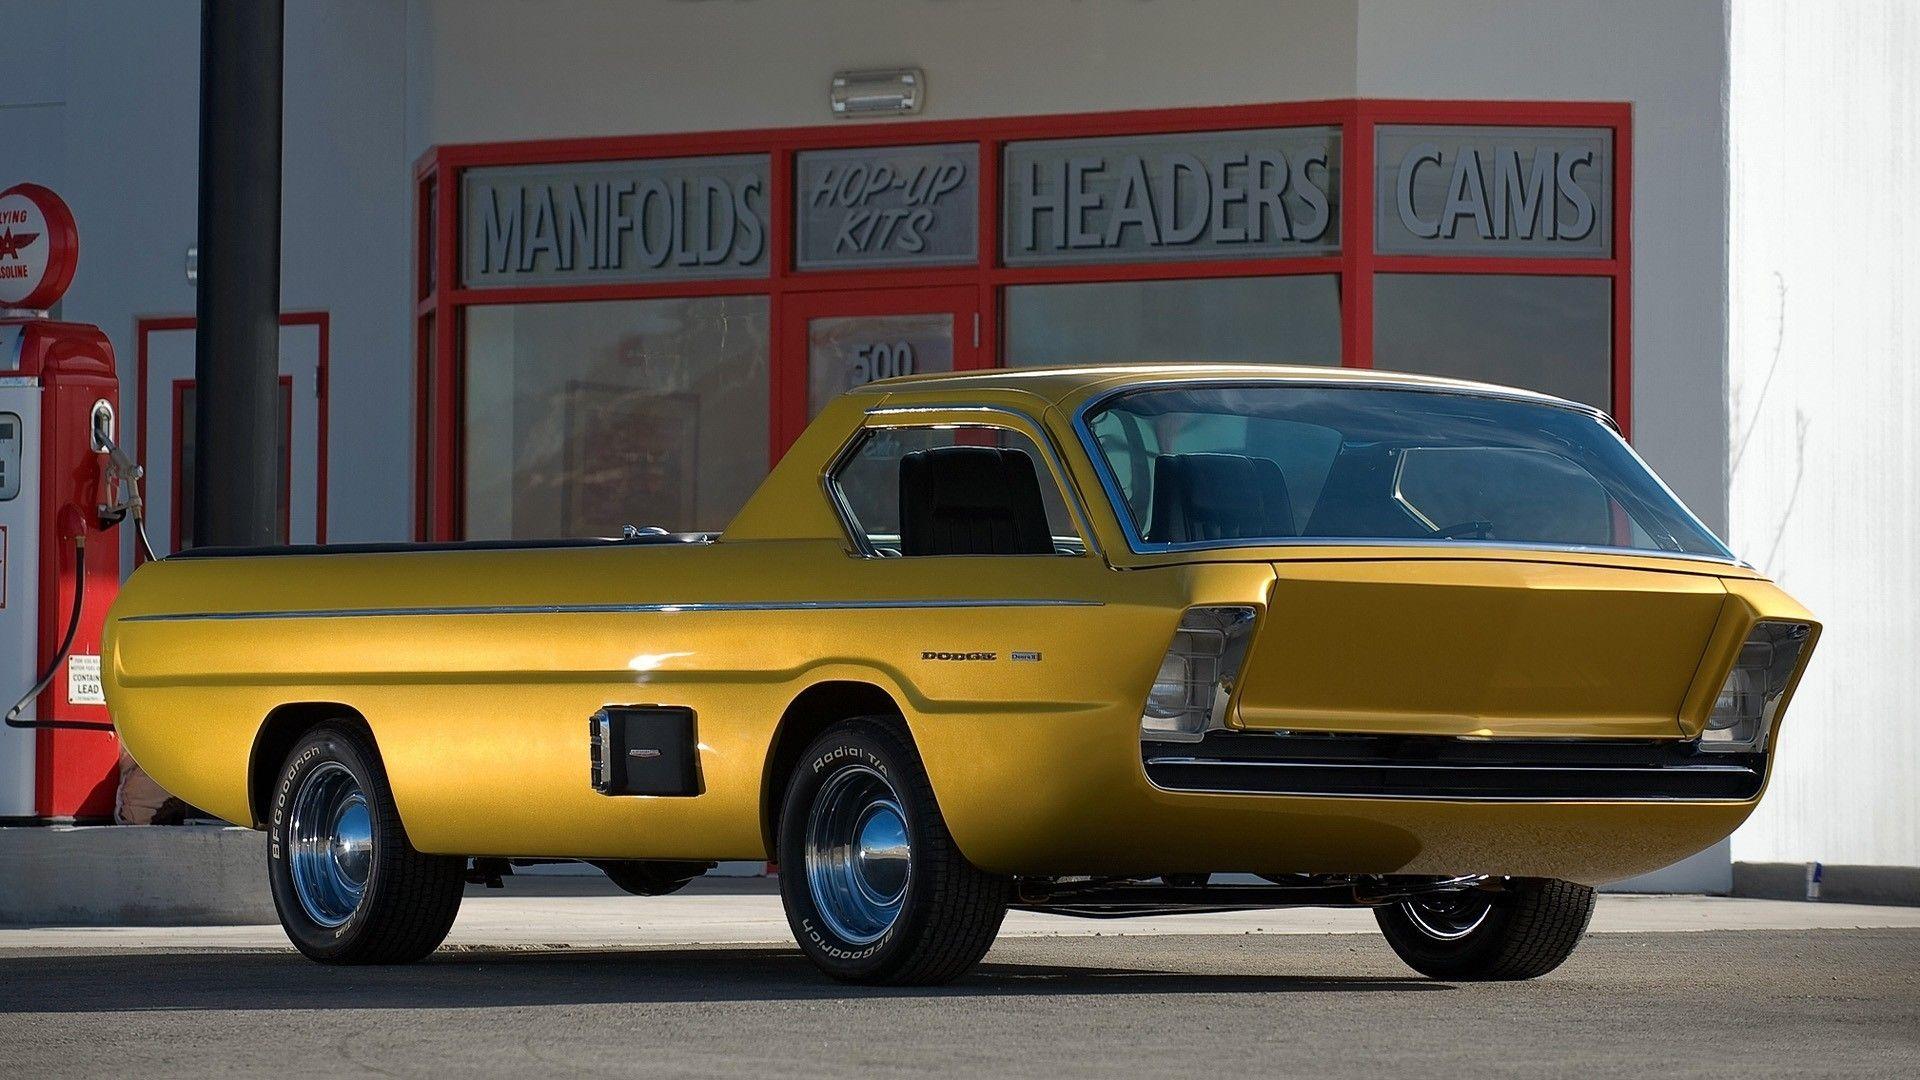 vintage trucks | Dodge Trucks Pick Up Classic Cars Best On Wallls ...